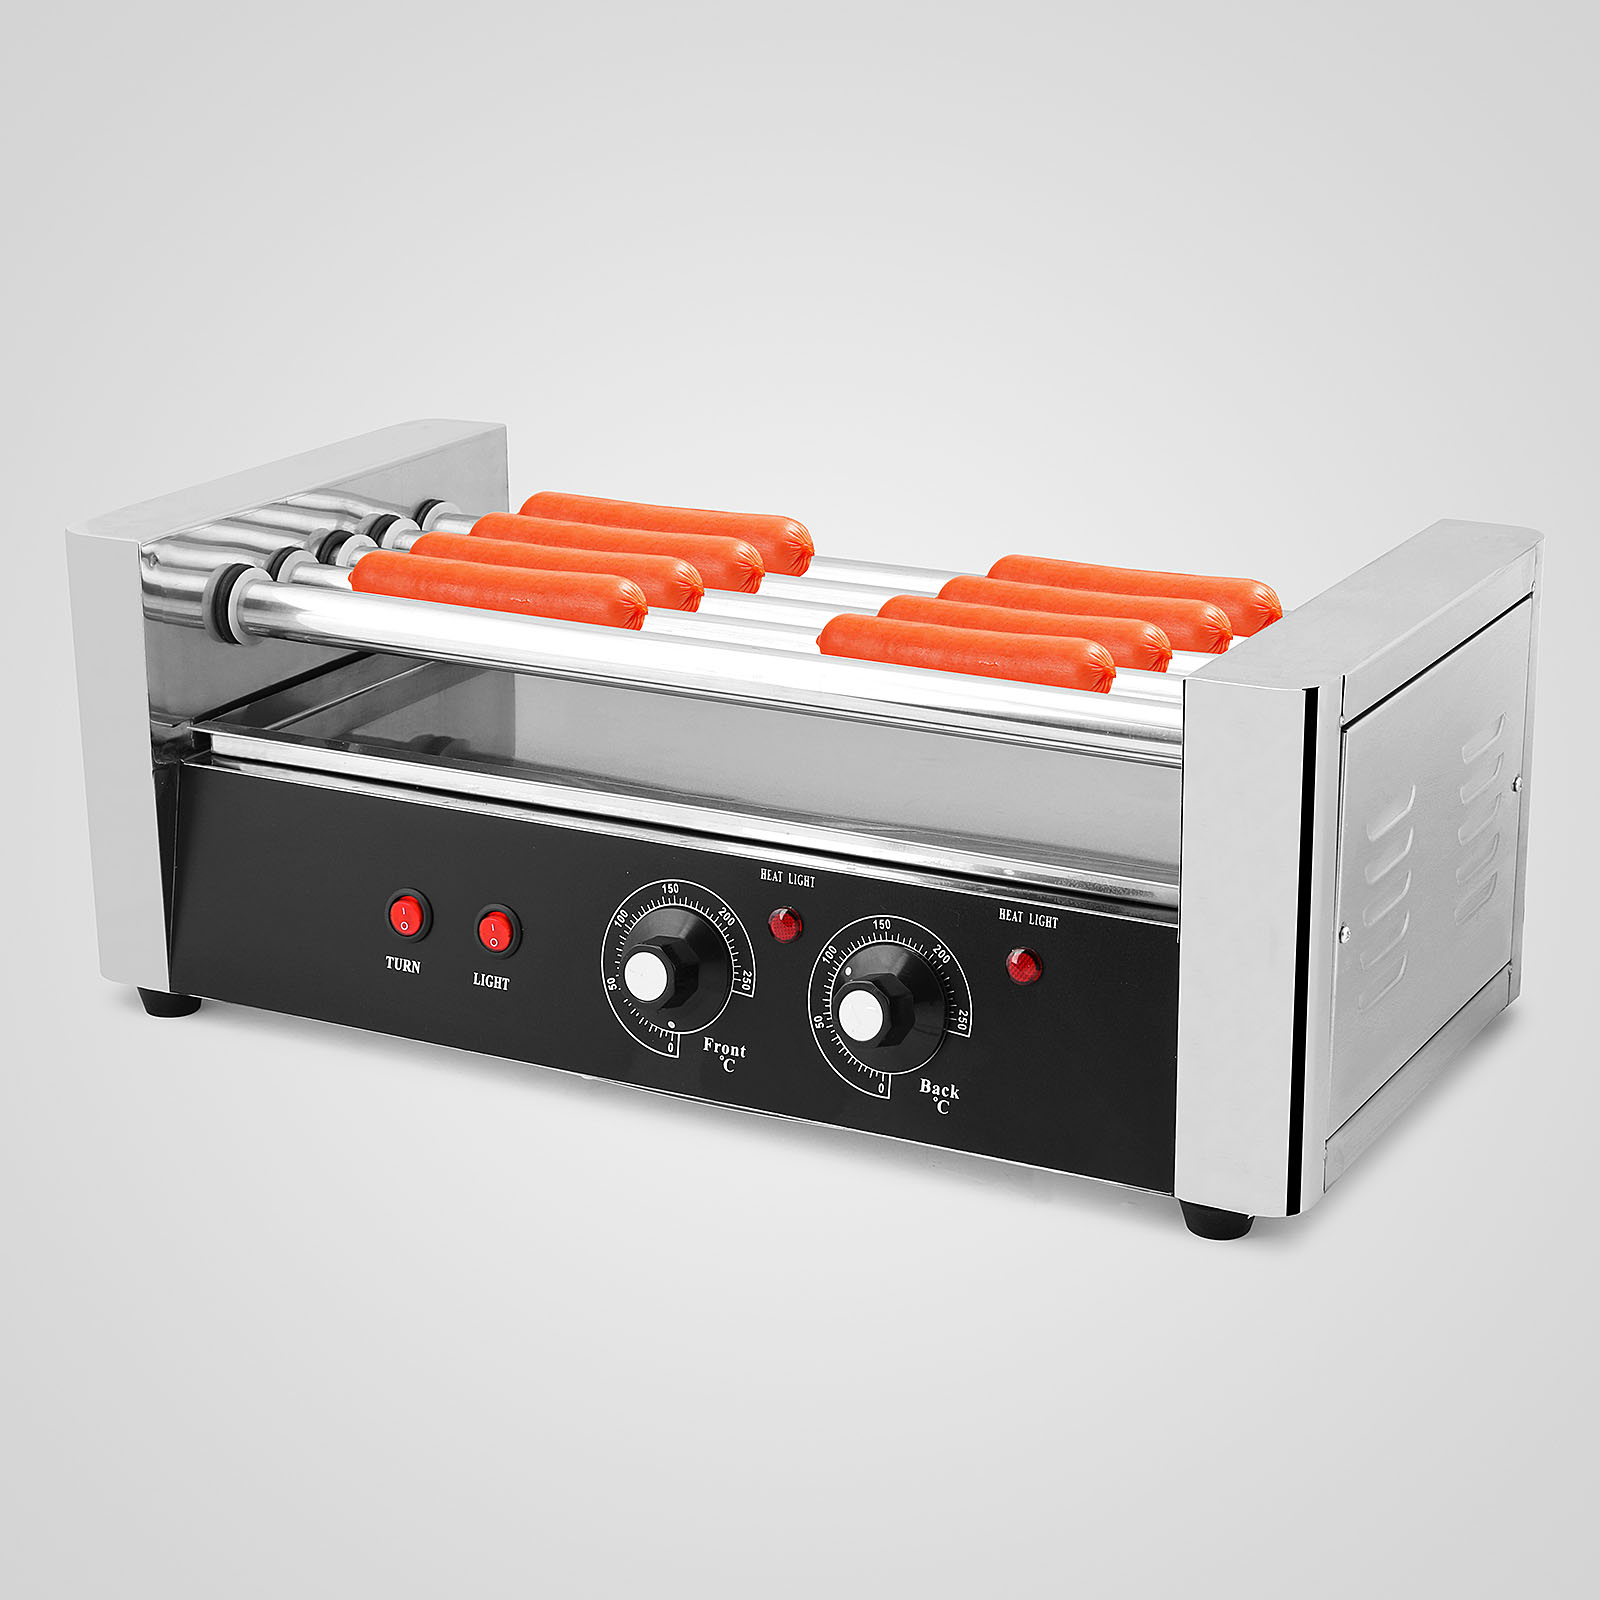 w rstchengrill hot dog grill w rstchen ger t br ter. Black Bedroom Furniture Sets. Home Design Ideas